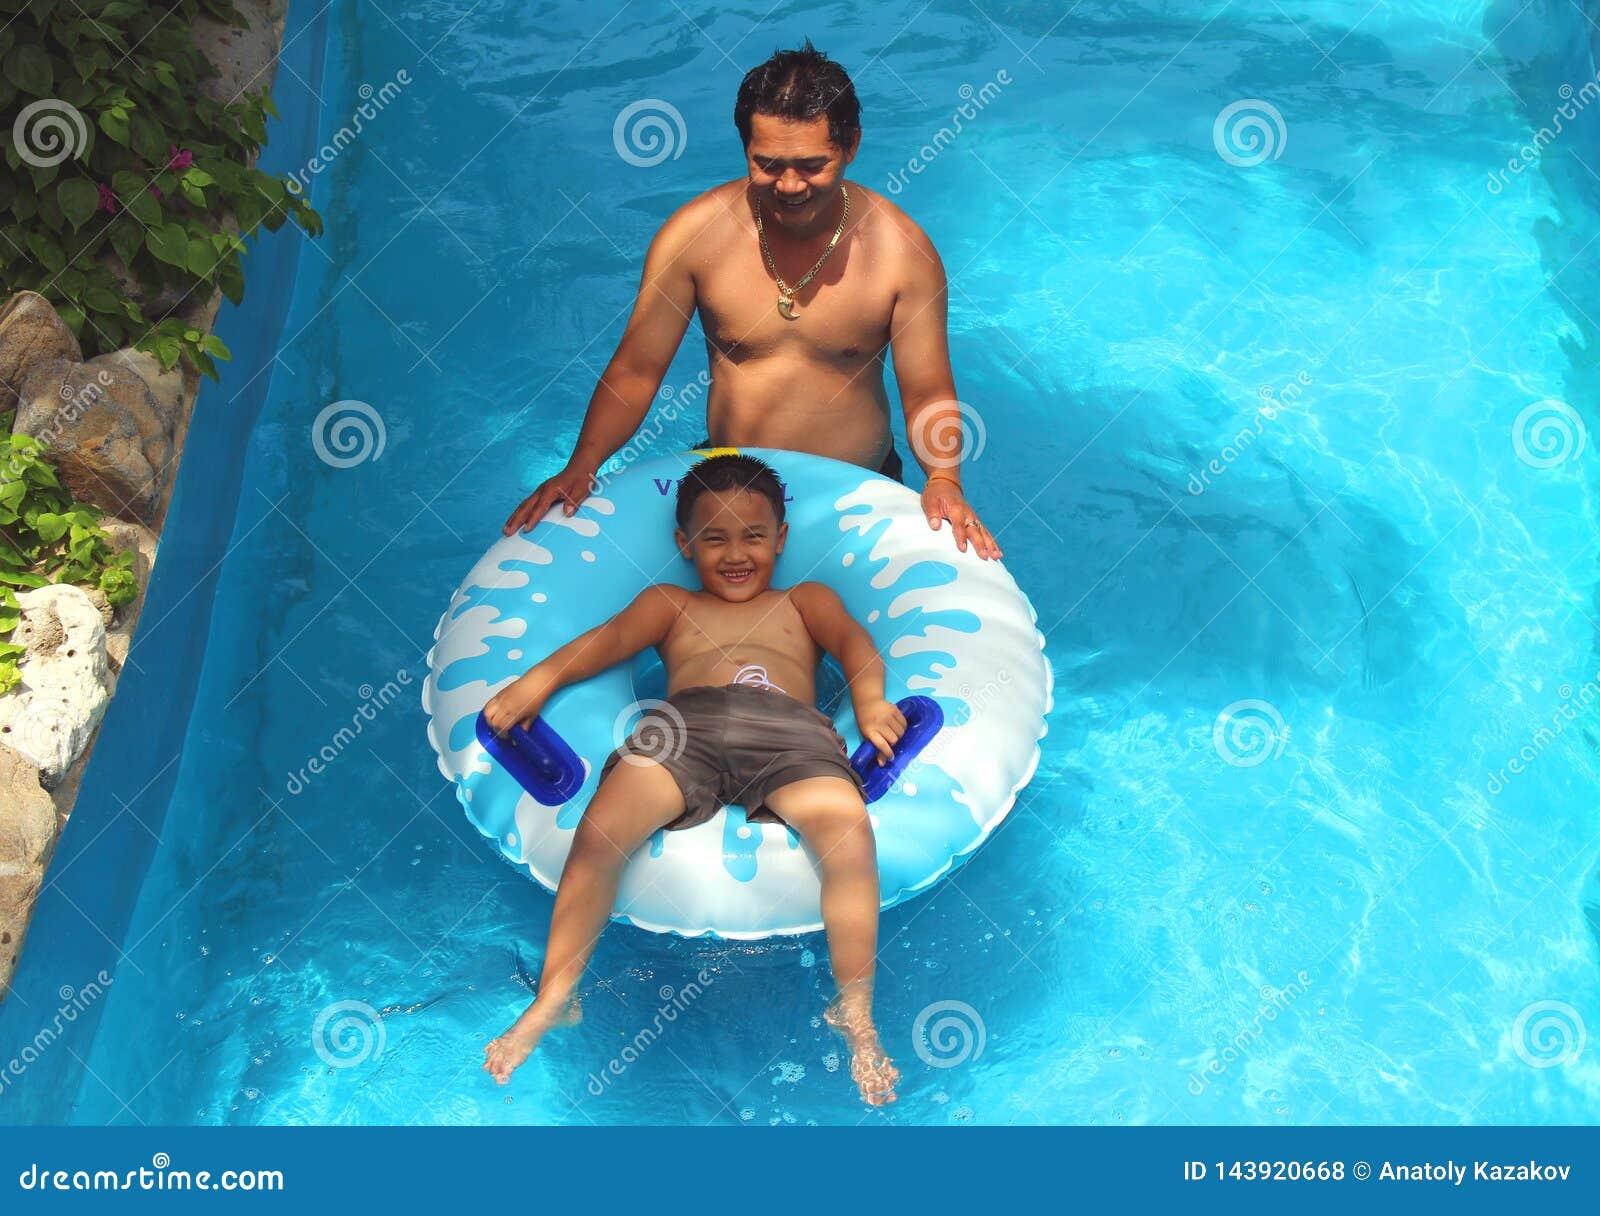 Мальчик плавает на раздувной тюфяк